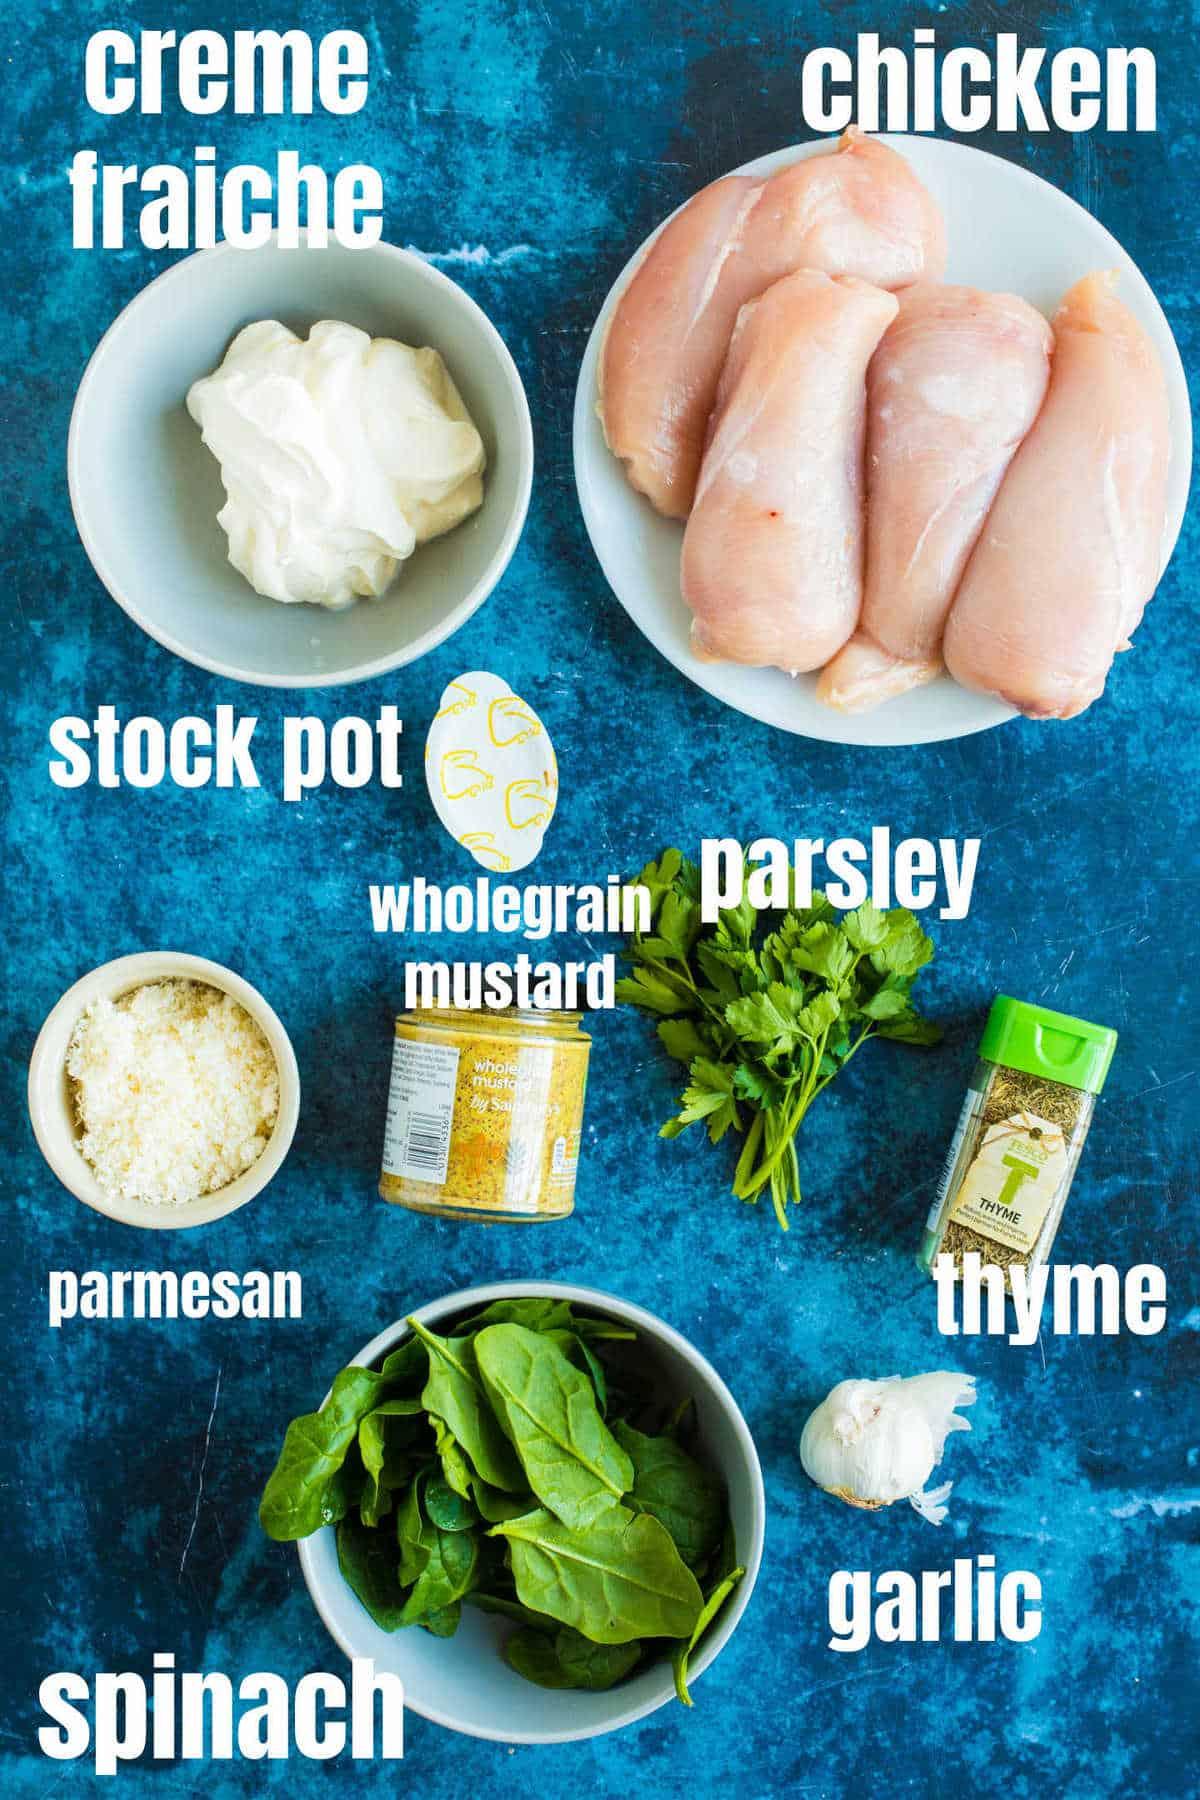 Ingredients for crème fraiche chicken.